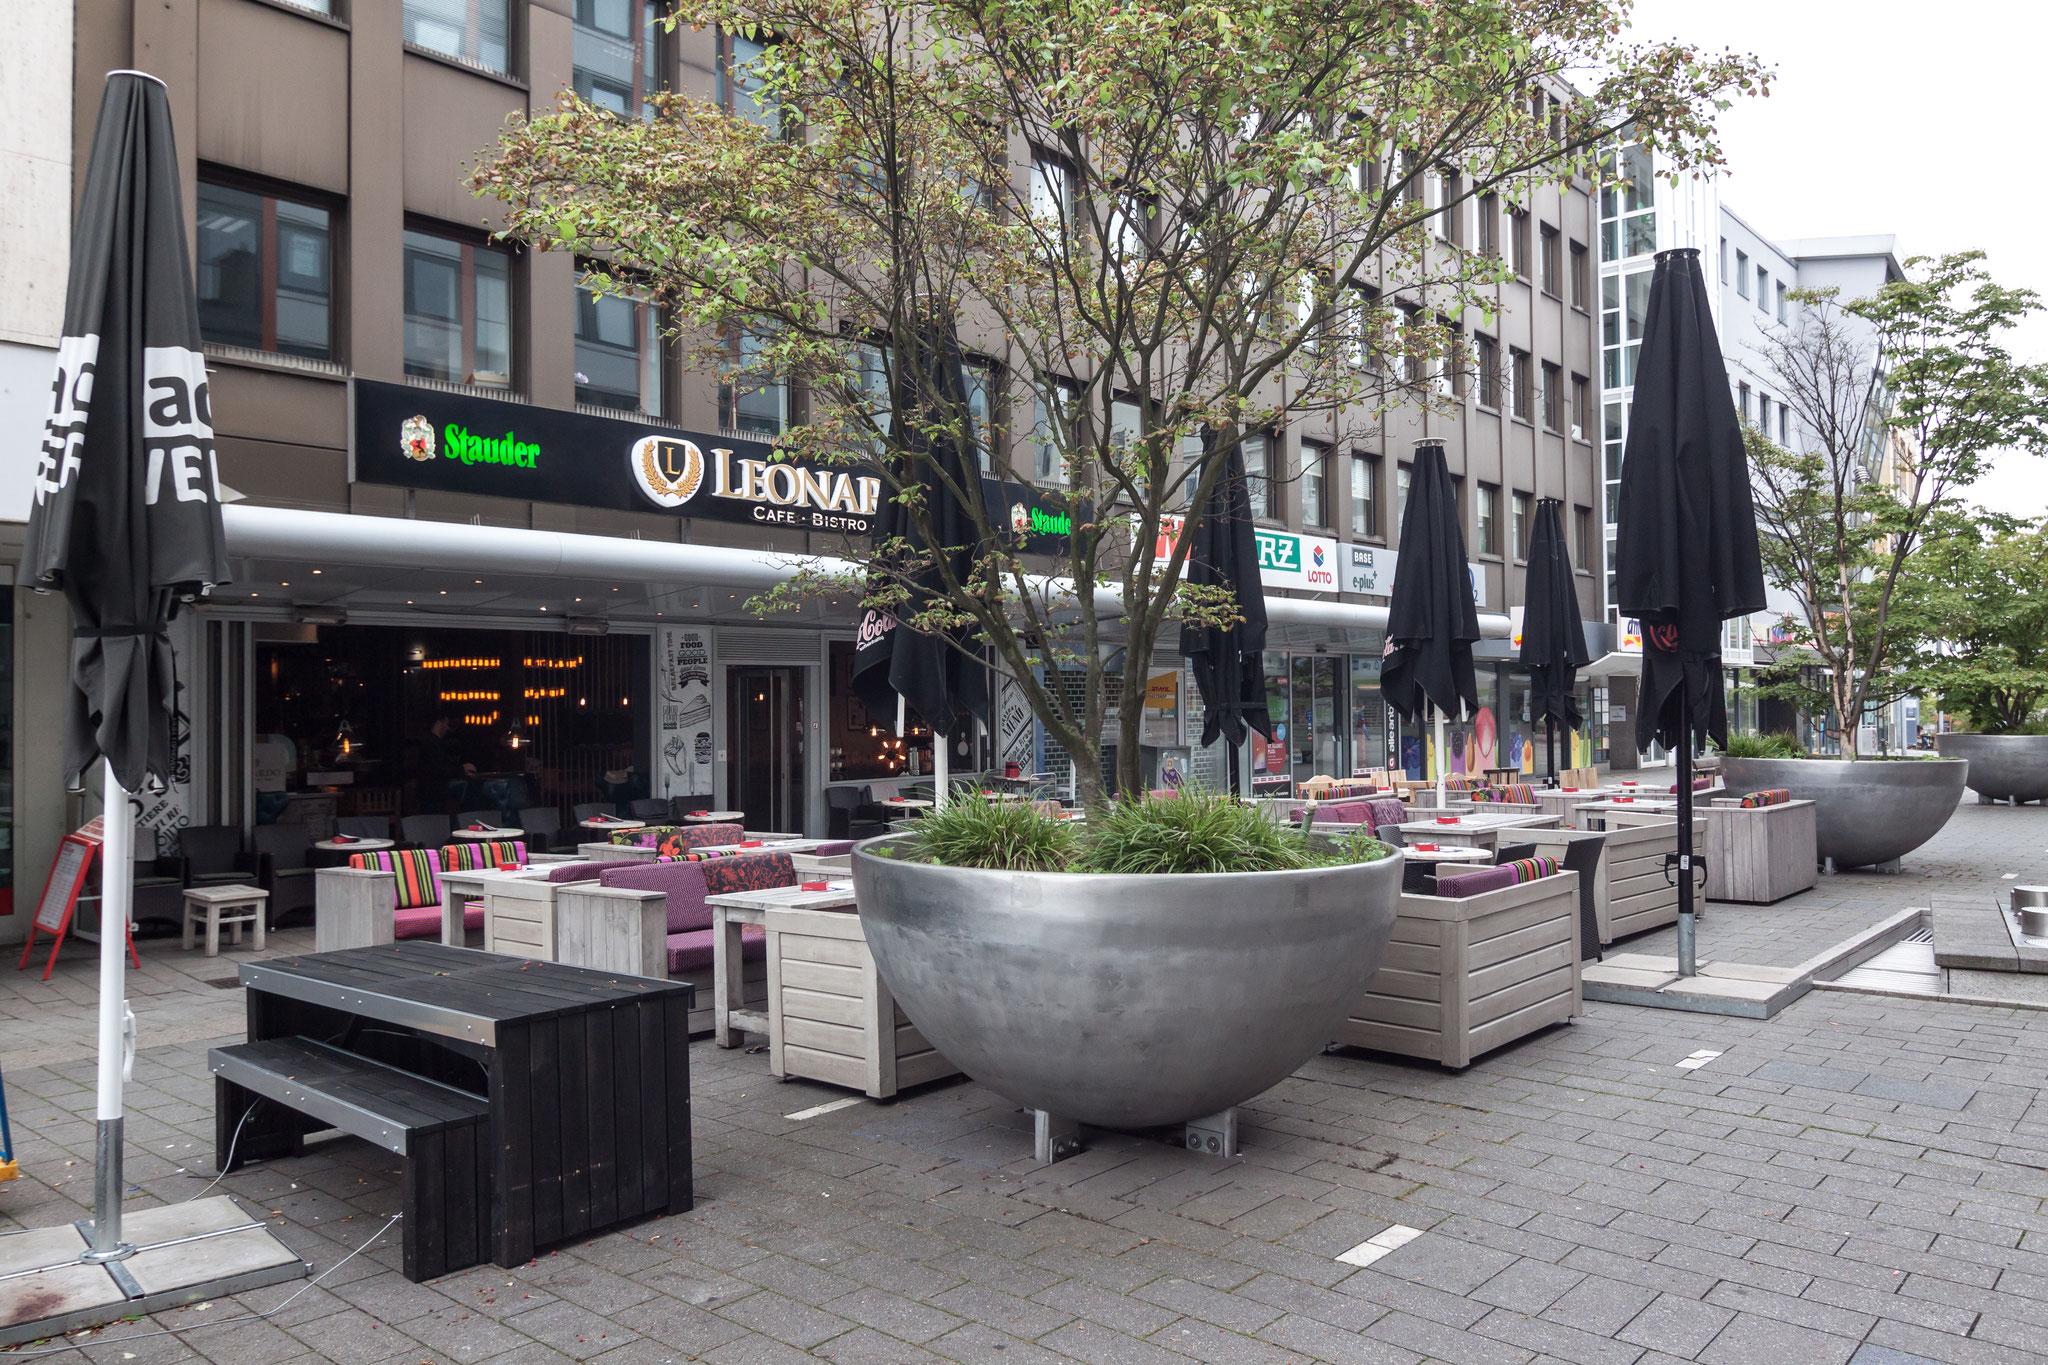 Cafe Leonardo© - Cafe, Bistro, Bar, Eventlocation